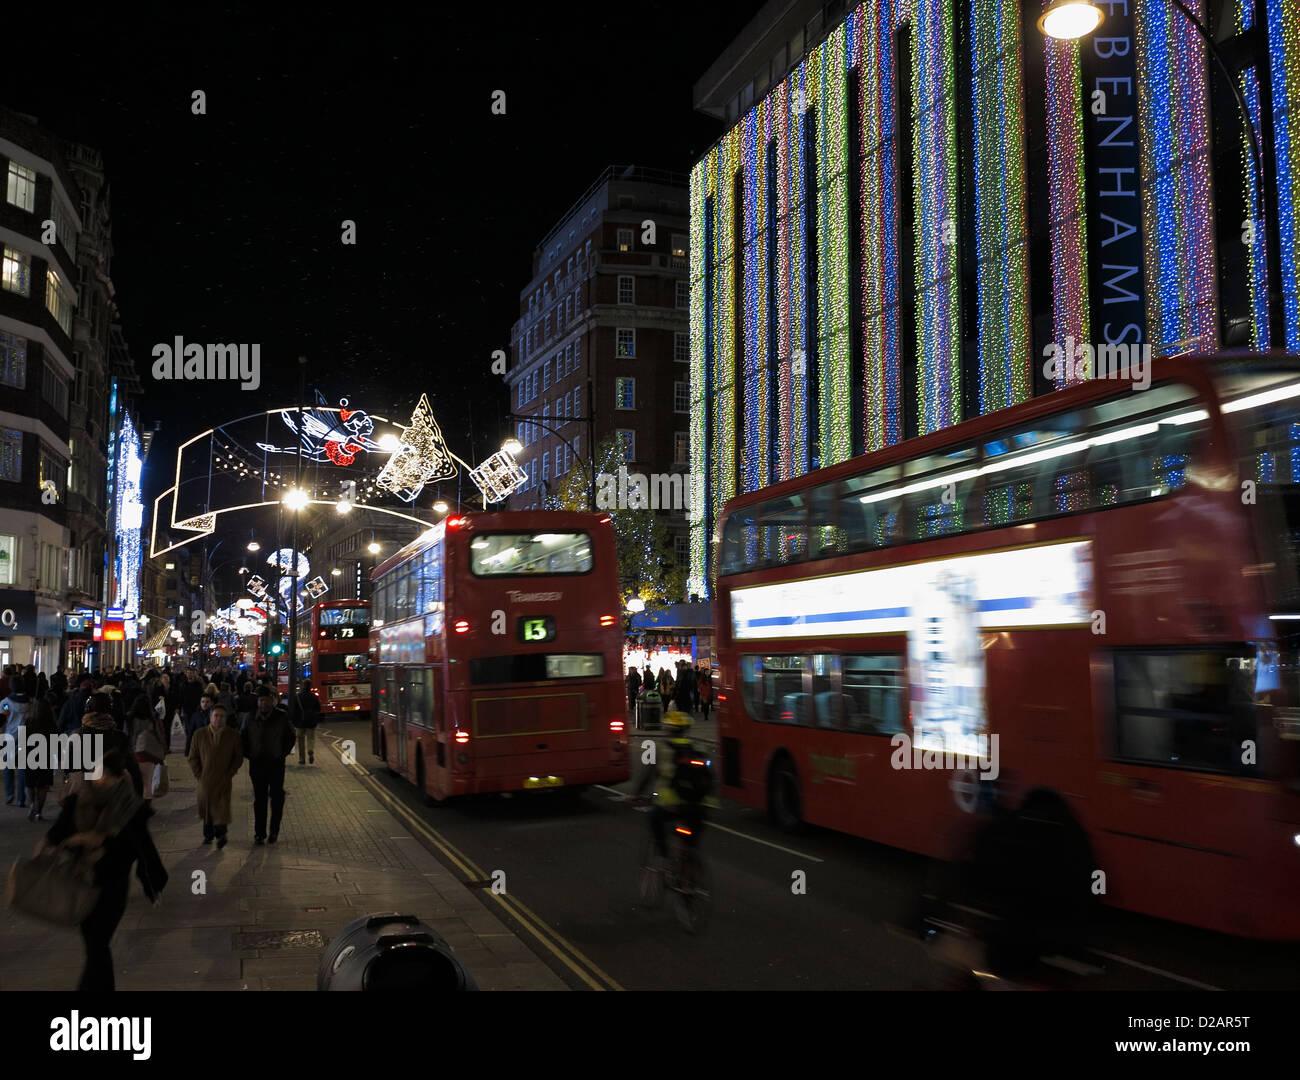 Decorazioni Natalizie Londra.Oxford Streeet Luci E Decorazioni Natalizie Londra Inghilterra Regno